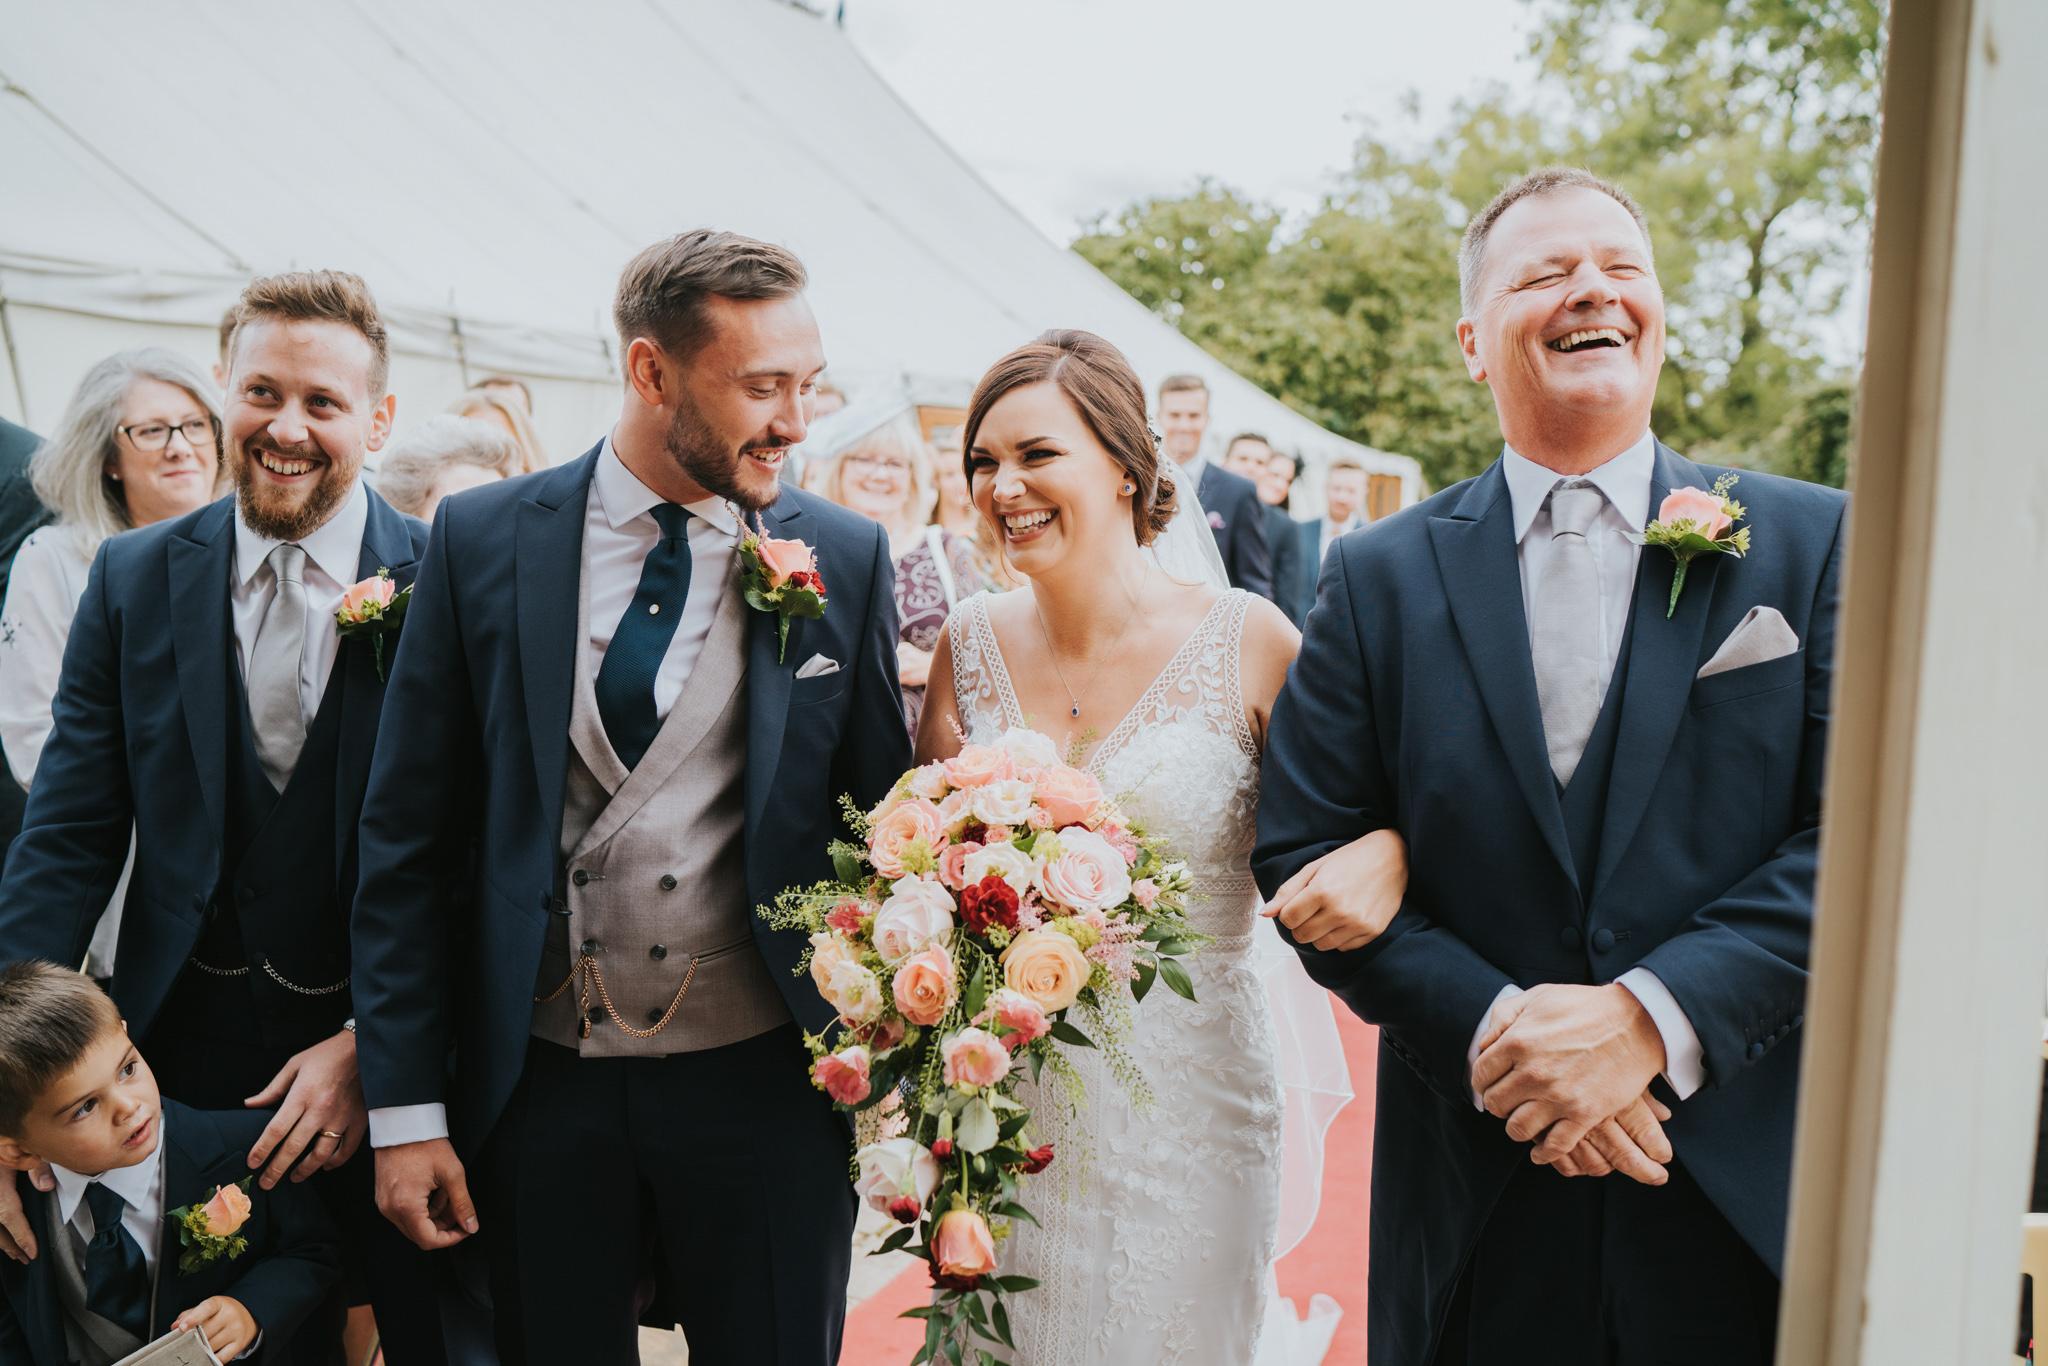 grace-elizabeth-essex-wedding-photographer-best-2018-highlights-norfolk-essex-devon-suffolk (71 of 100).jpg